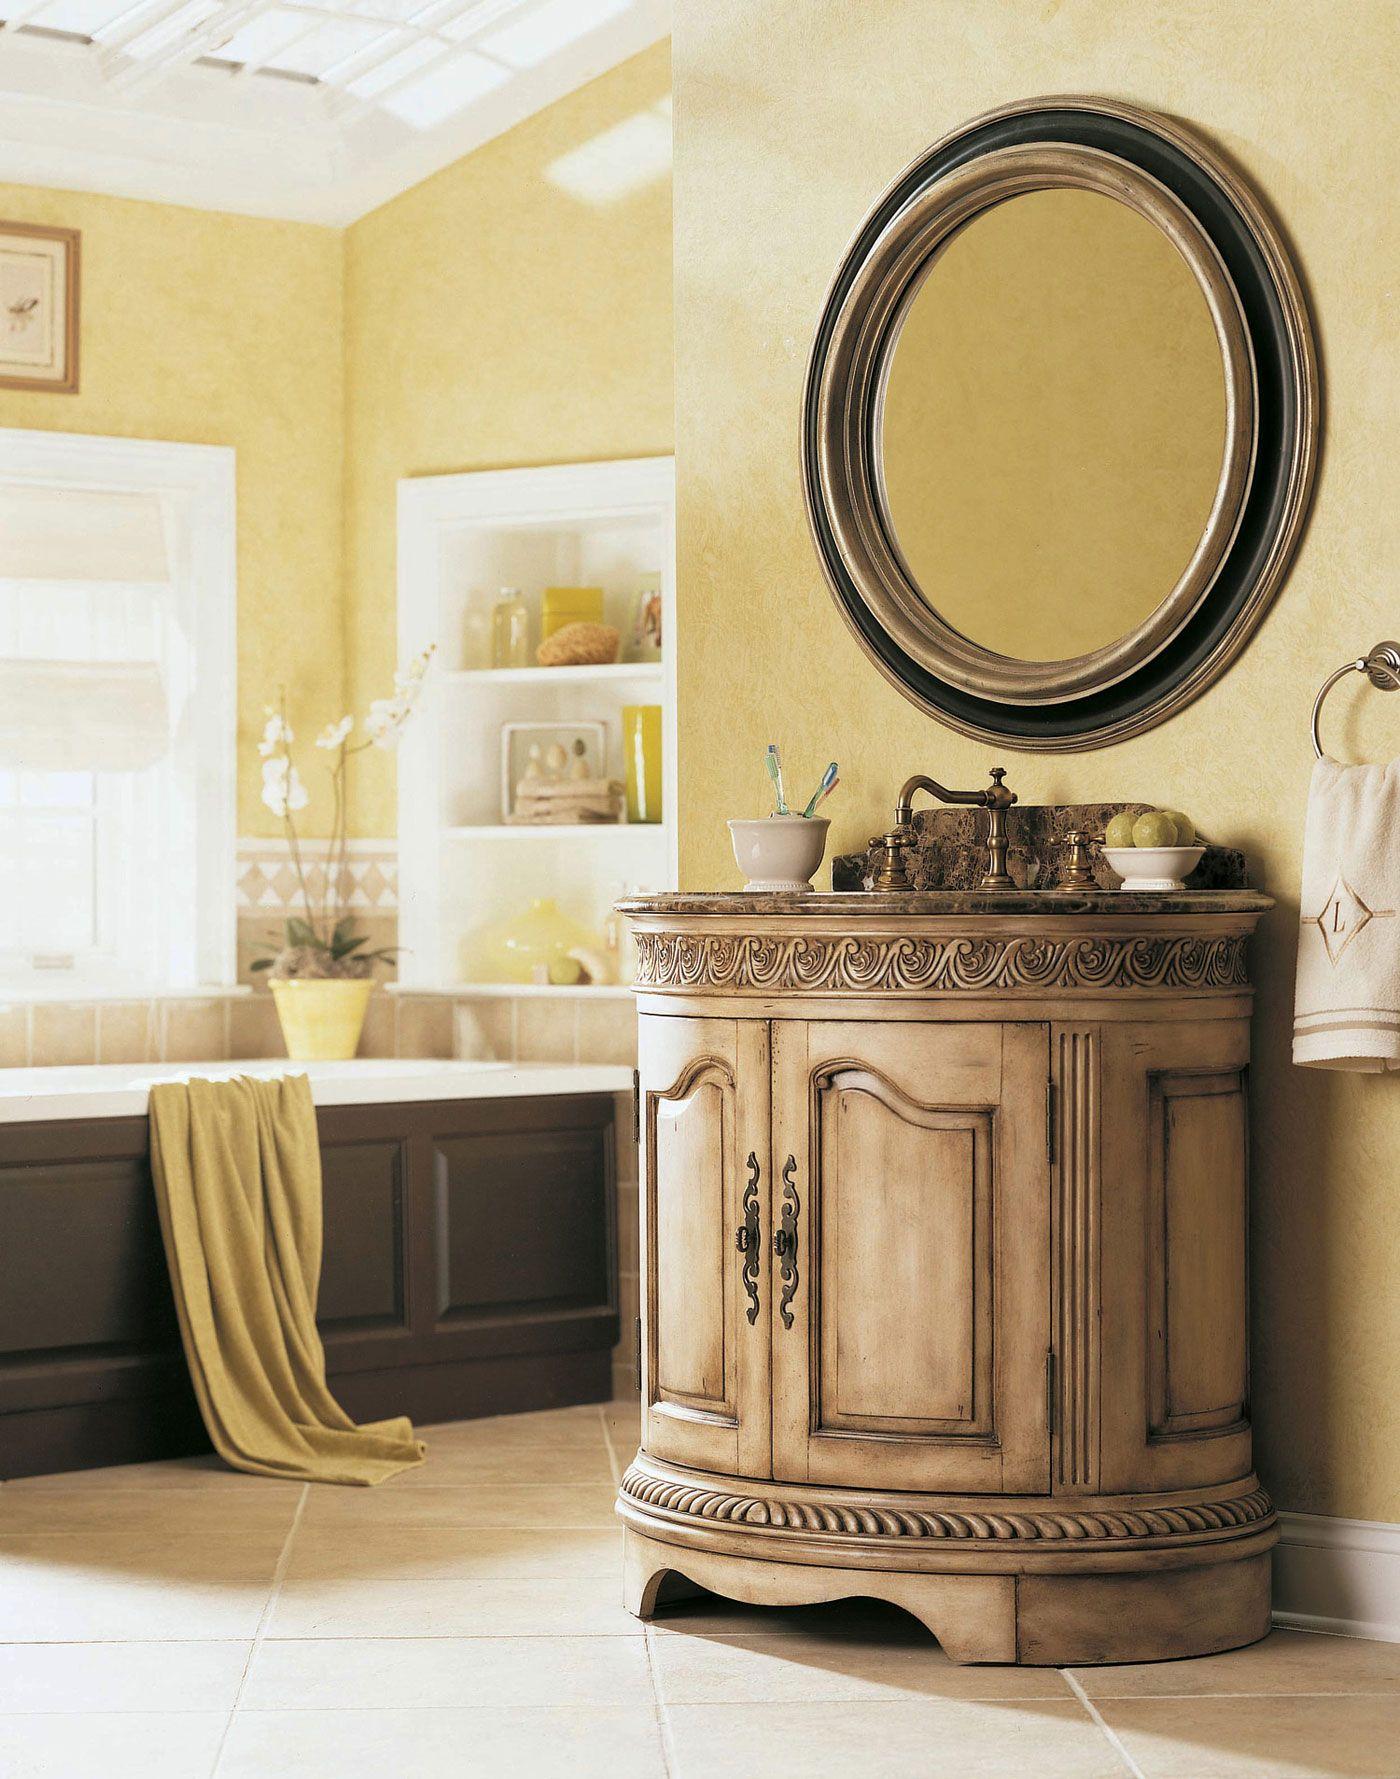 Badezimmer design gold ideen der runde spiegel badezimmer waschbecken  der schlüssel für